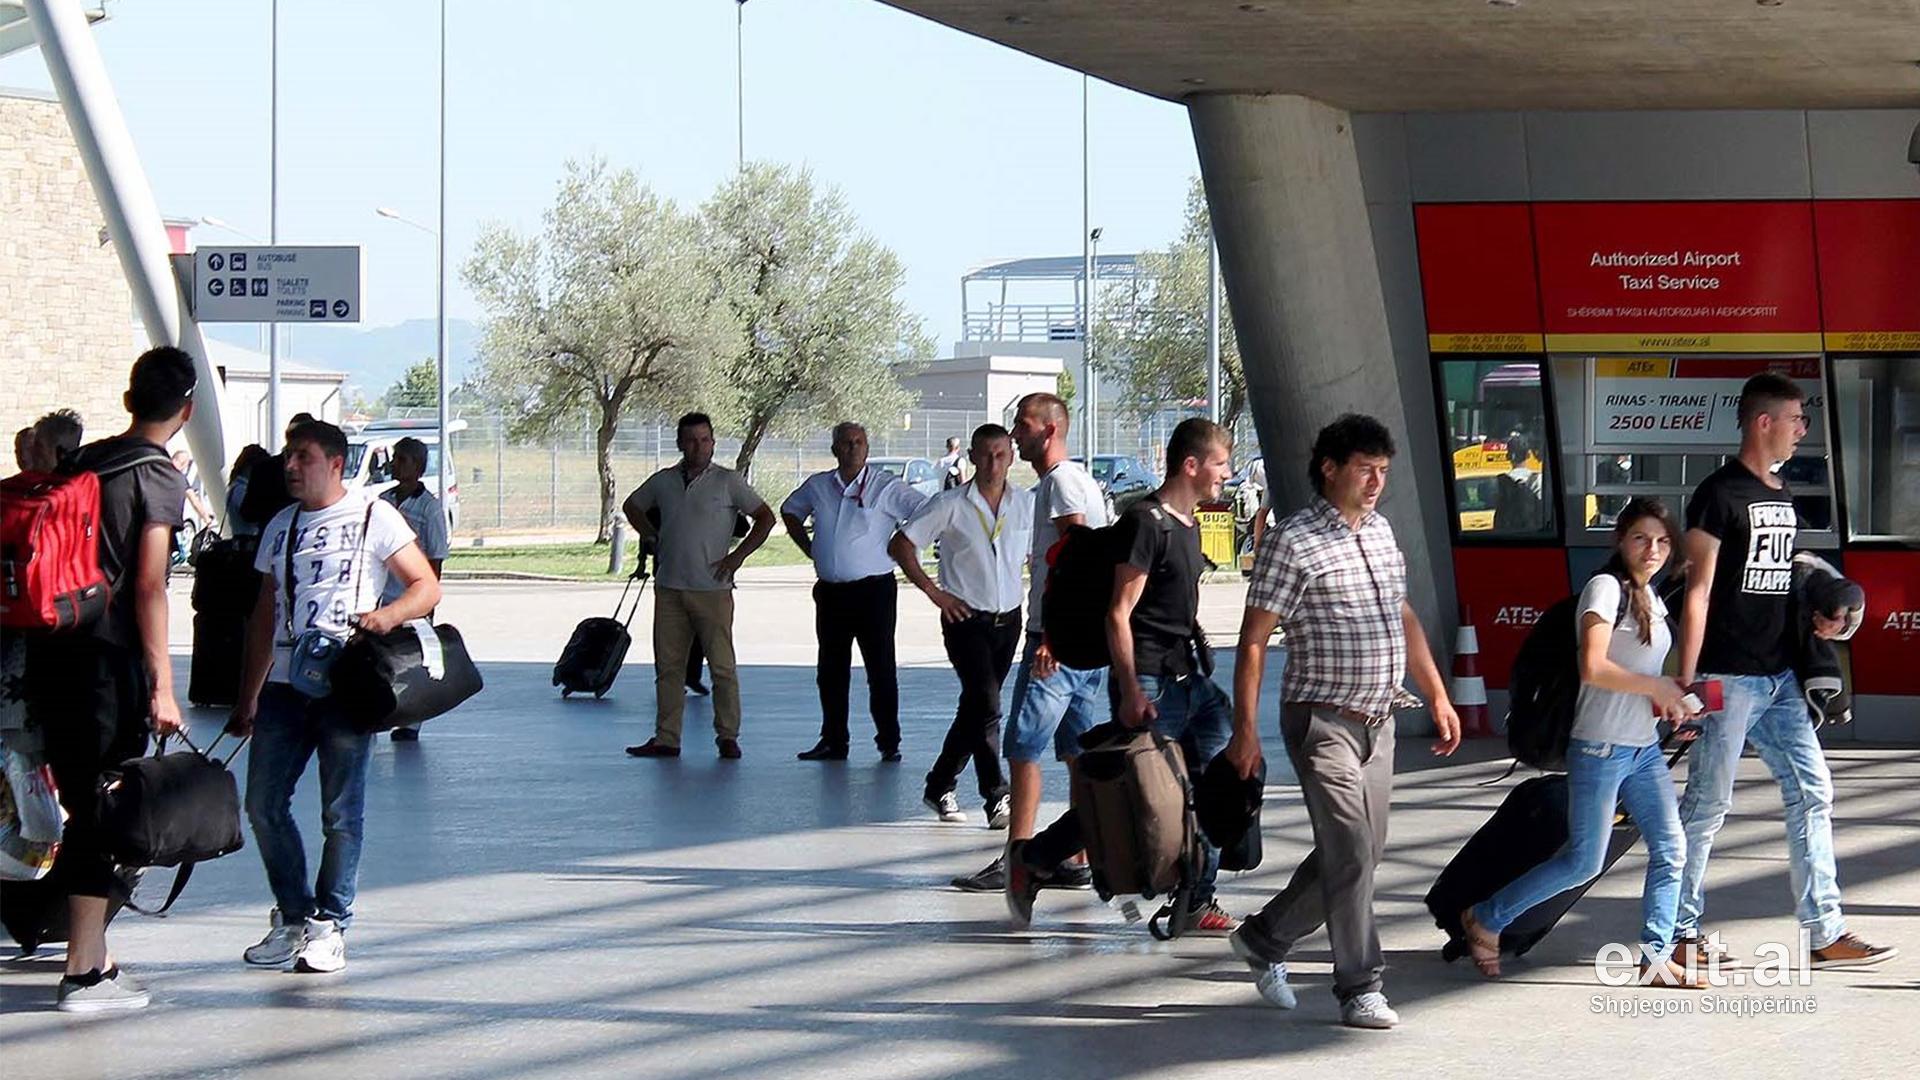 Shqiptarët të parët për numrin e lartë të dëbimeve nga Gjermania